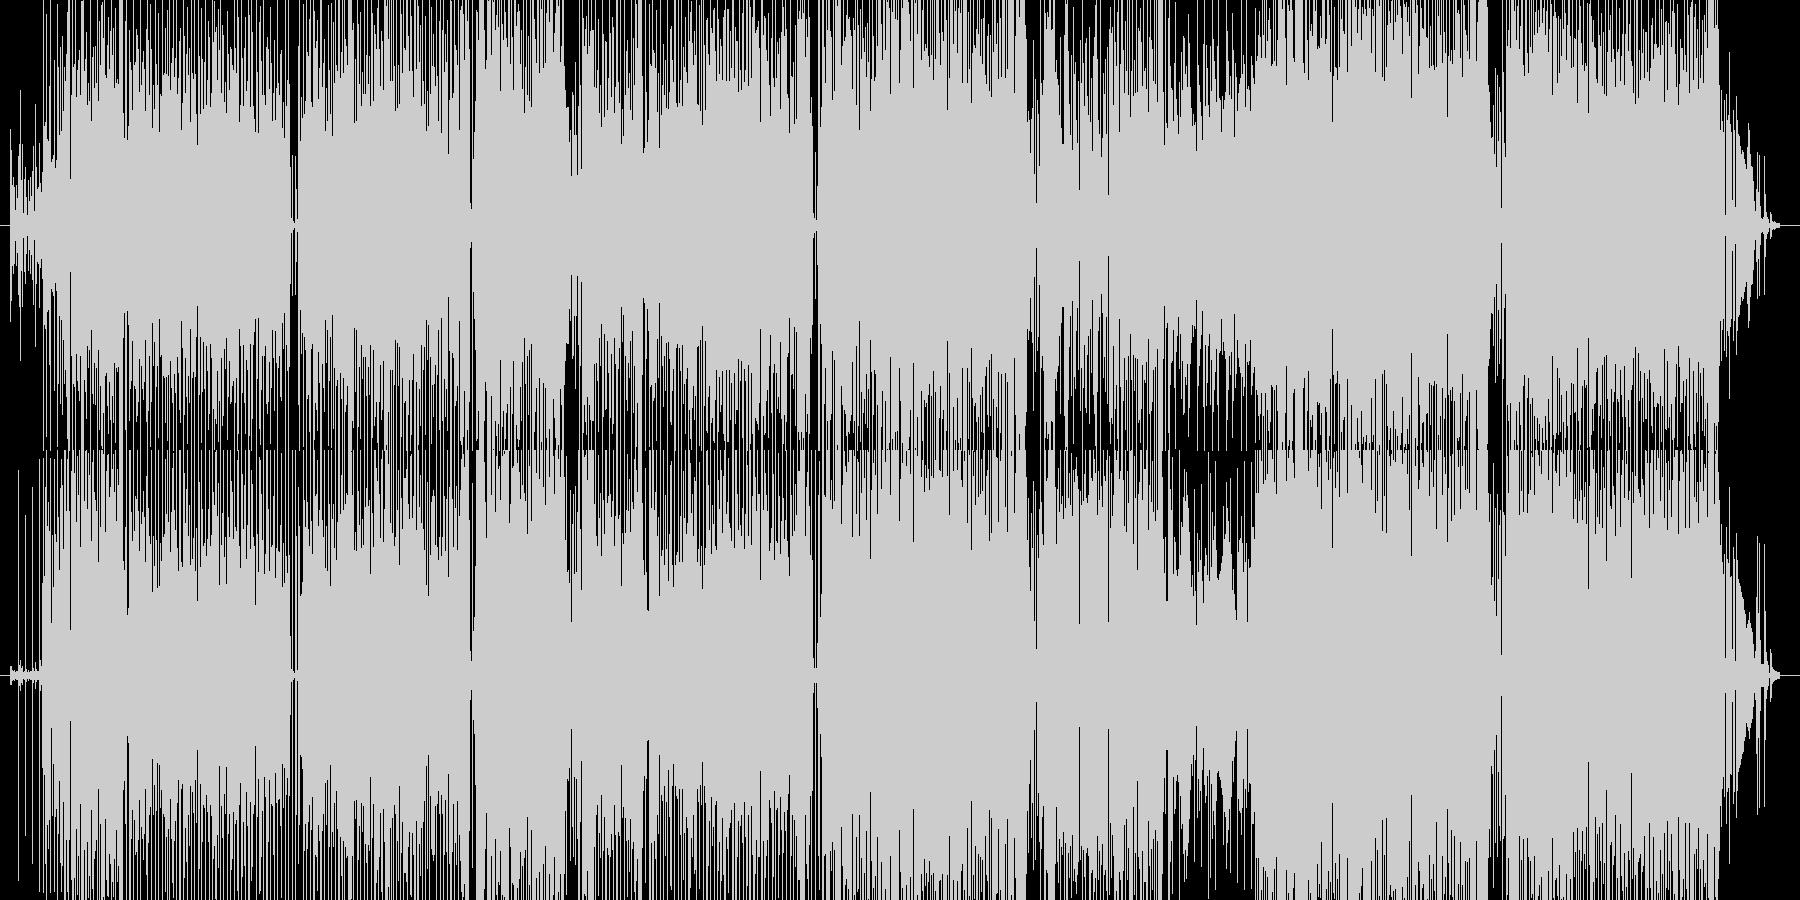 オシャレなギターサウンドによるファンクの未再生の波形